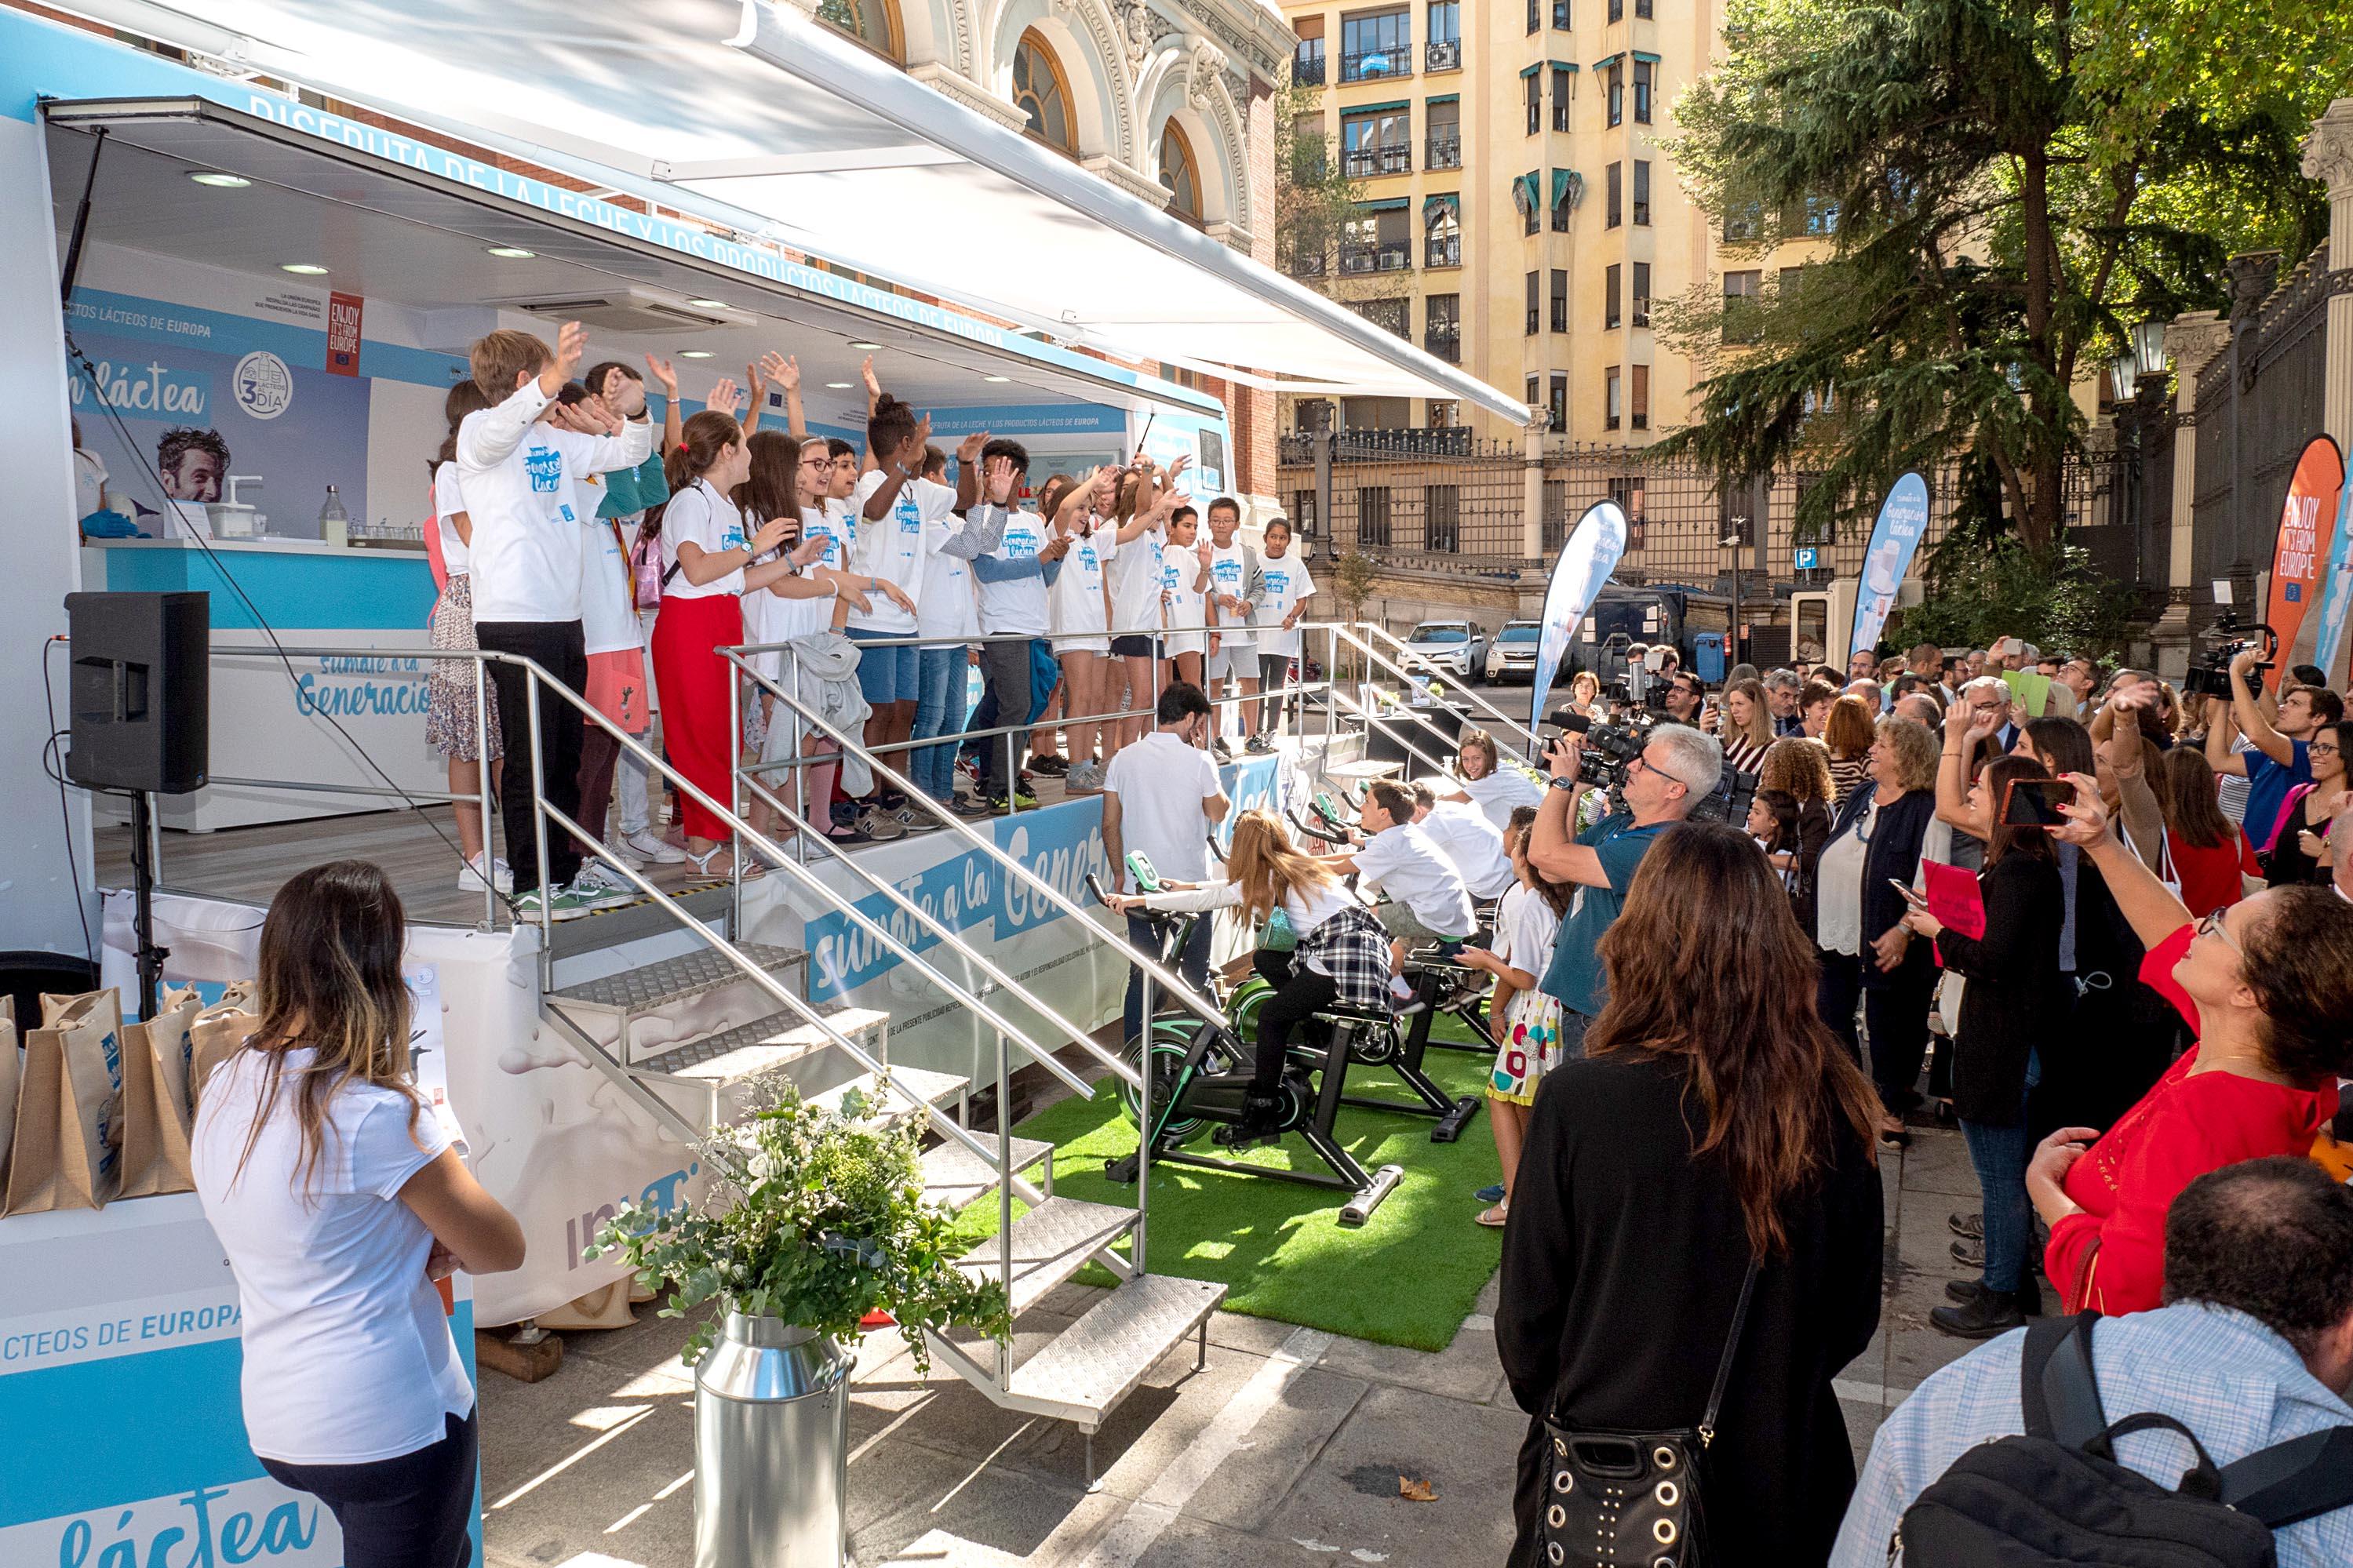 Proyecto Generación Láctea - InLac, organización Interprofesional láctea que engloba a todo el sector lácteo español cuyos miembros representan al conjunto de la cadena agroalimentaria.